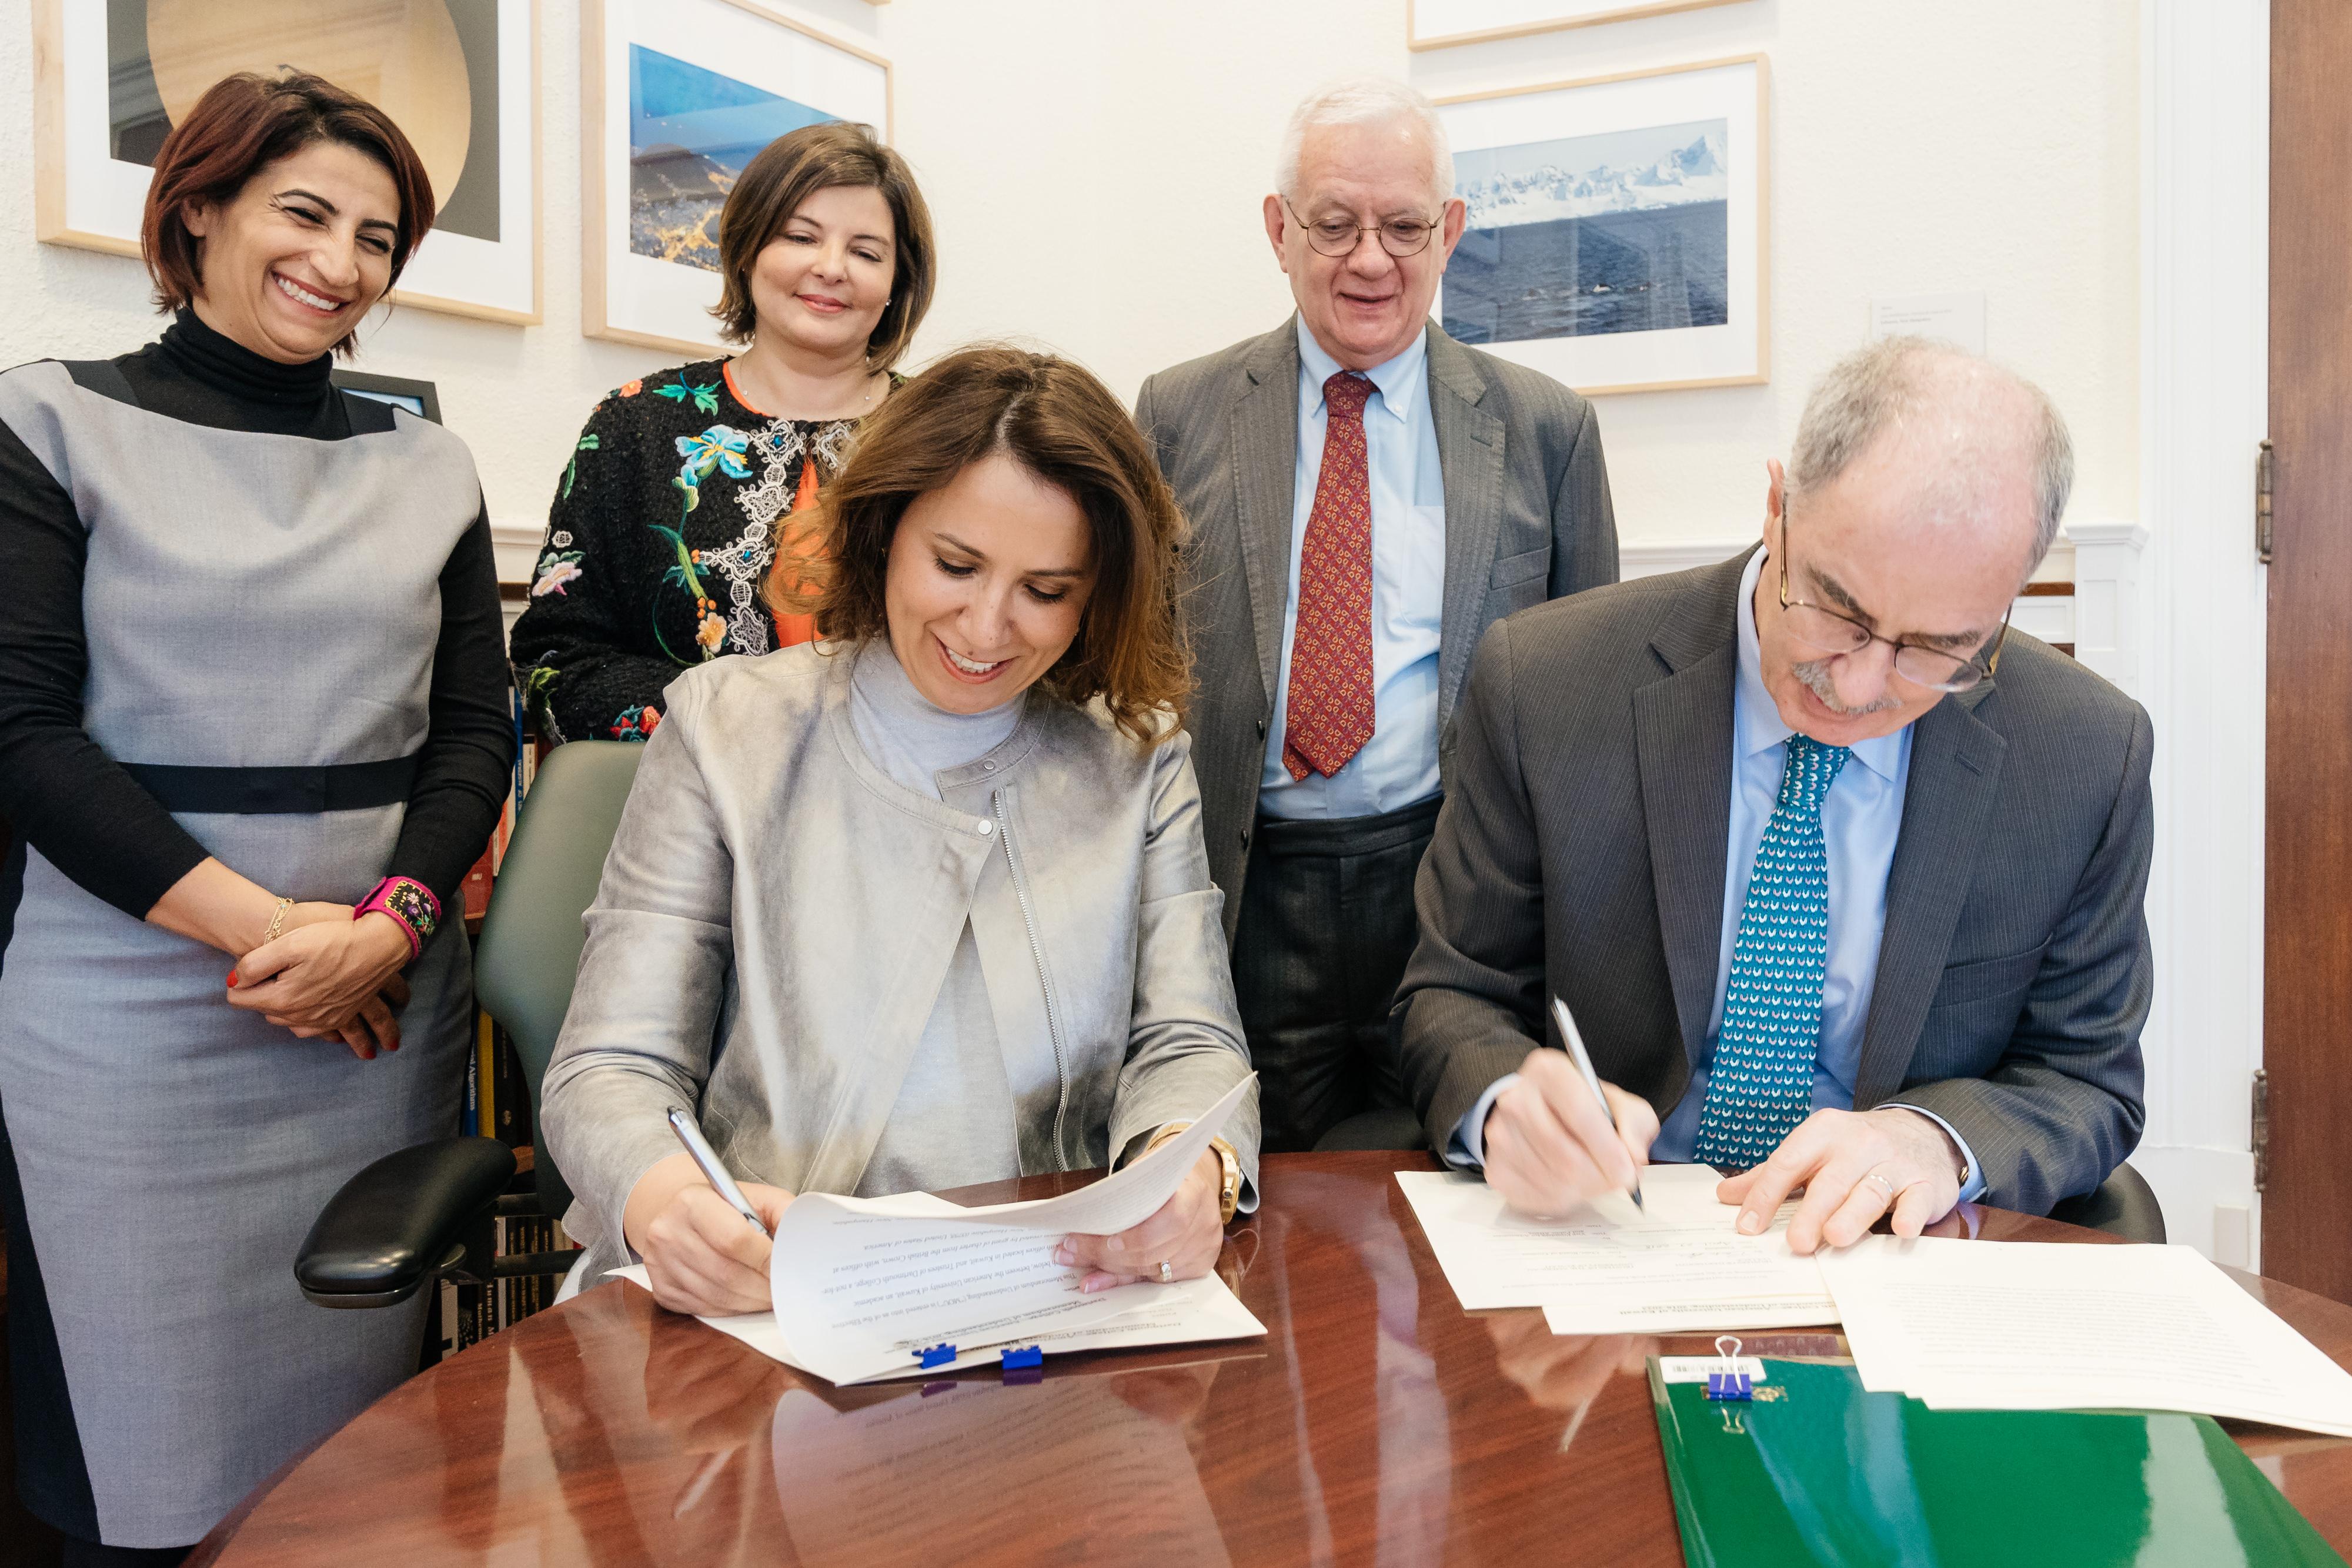 KUNA : Dartmouth, AUK sign MOU extending partnership for another